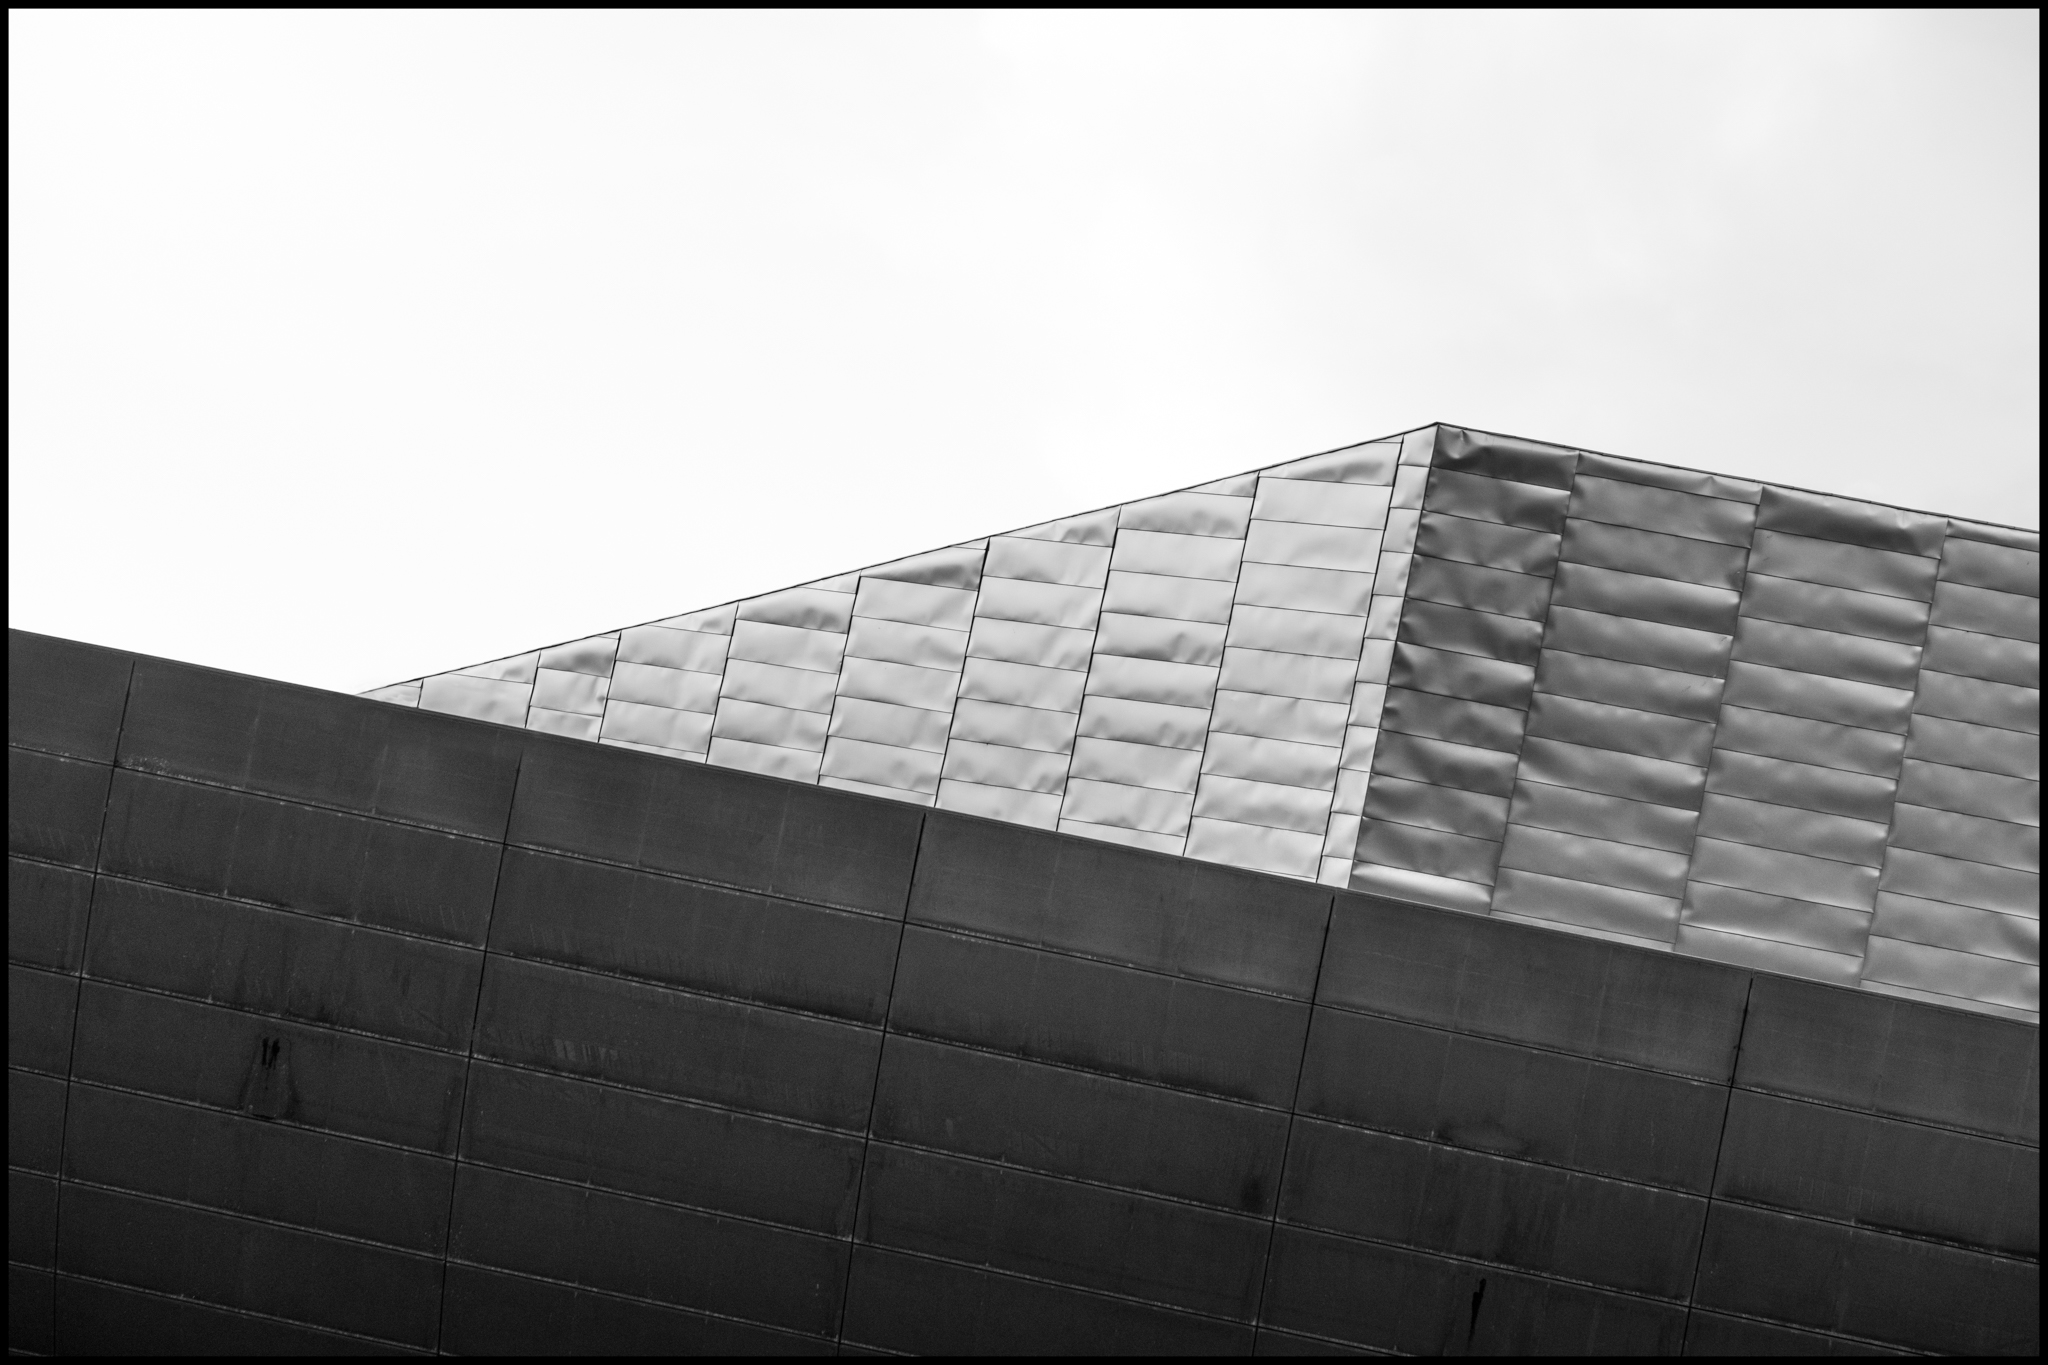 22 May 2019 - Shades of grey, Manchester UK